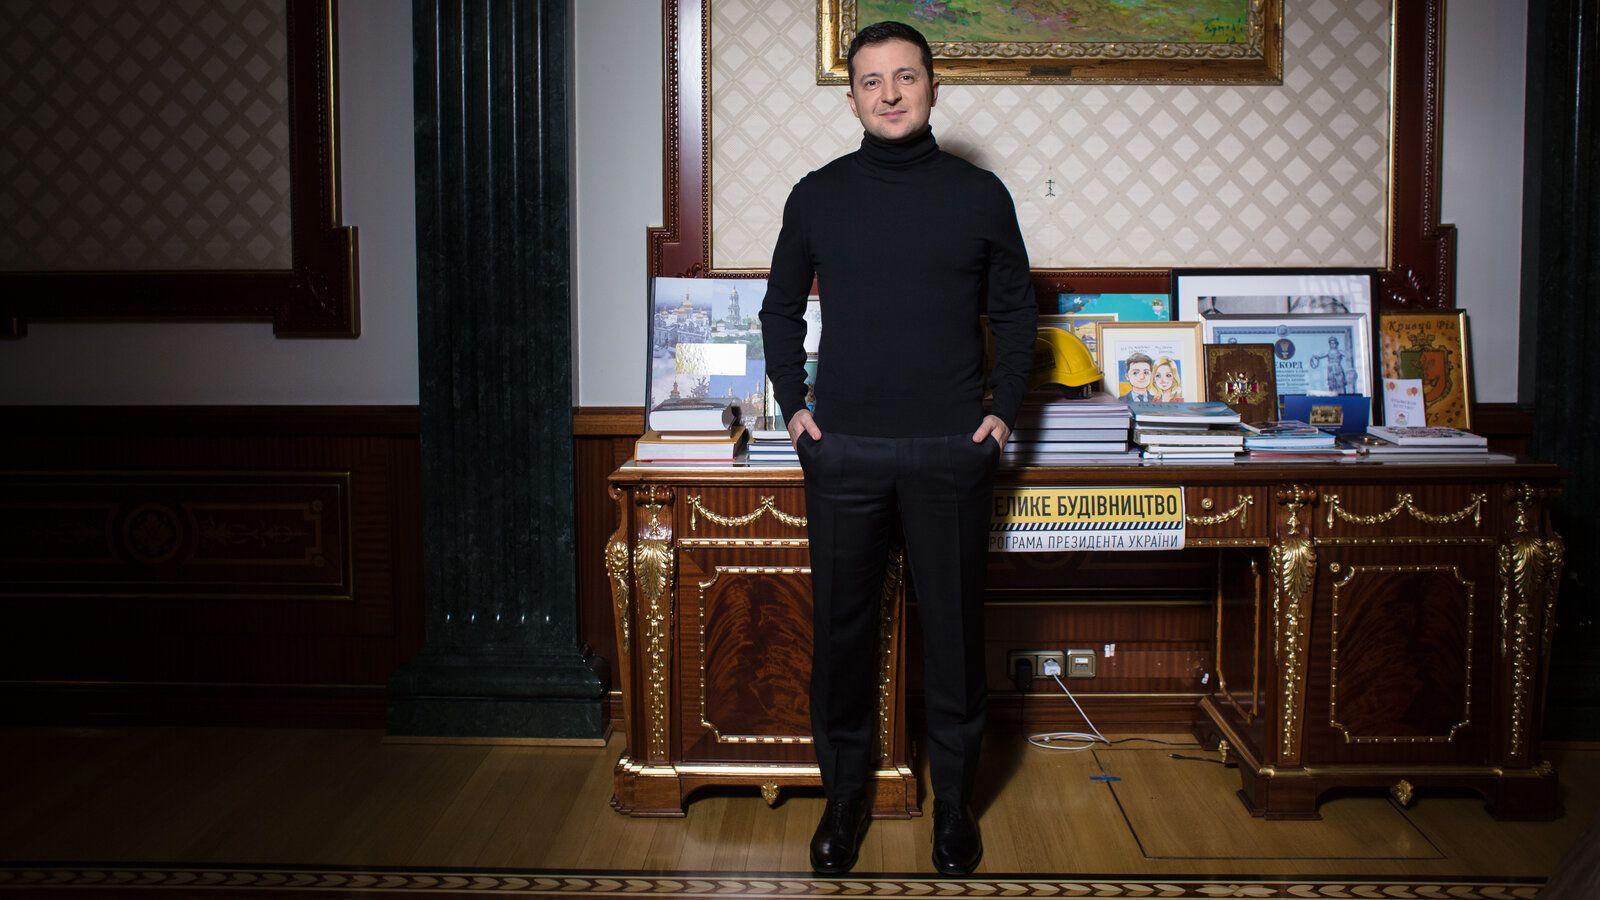 Зеленський: Власниками всіх телевізійних груп є олігархи, держава повинна з ними боротися